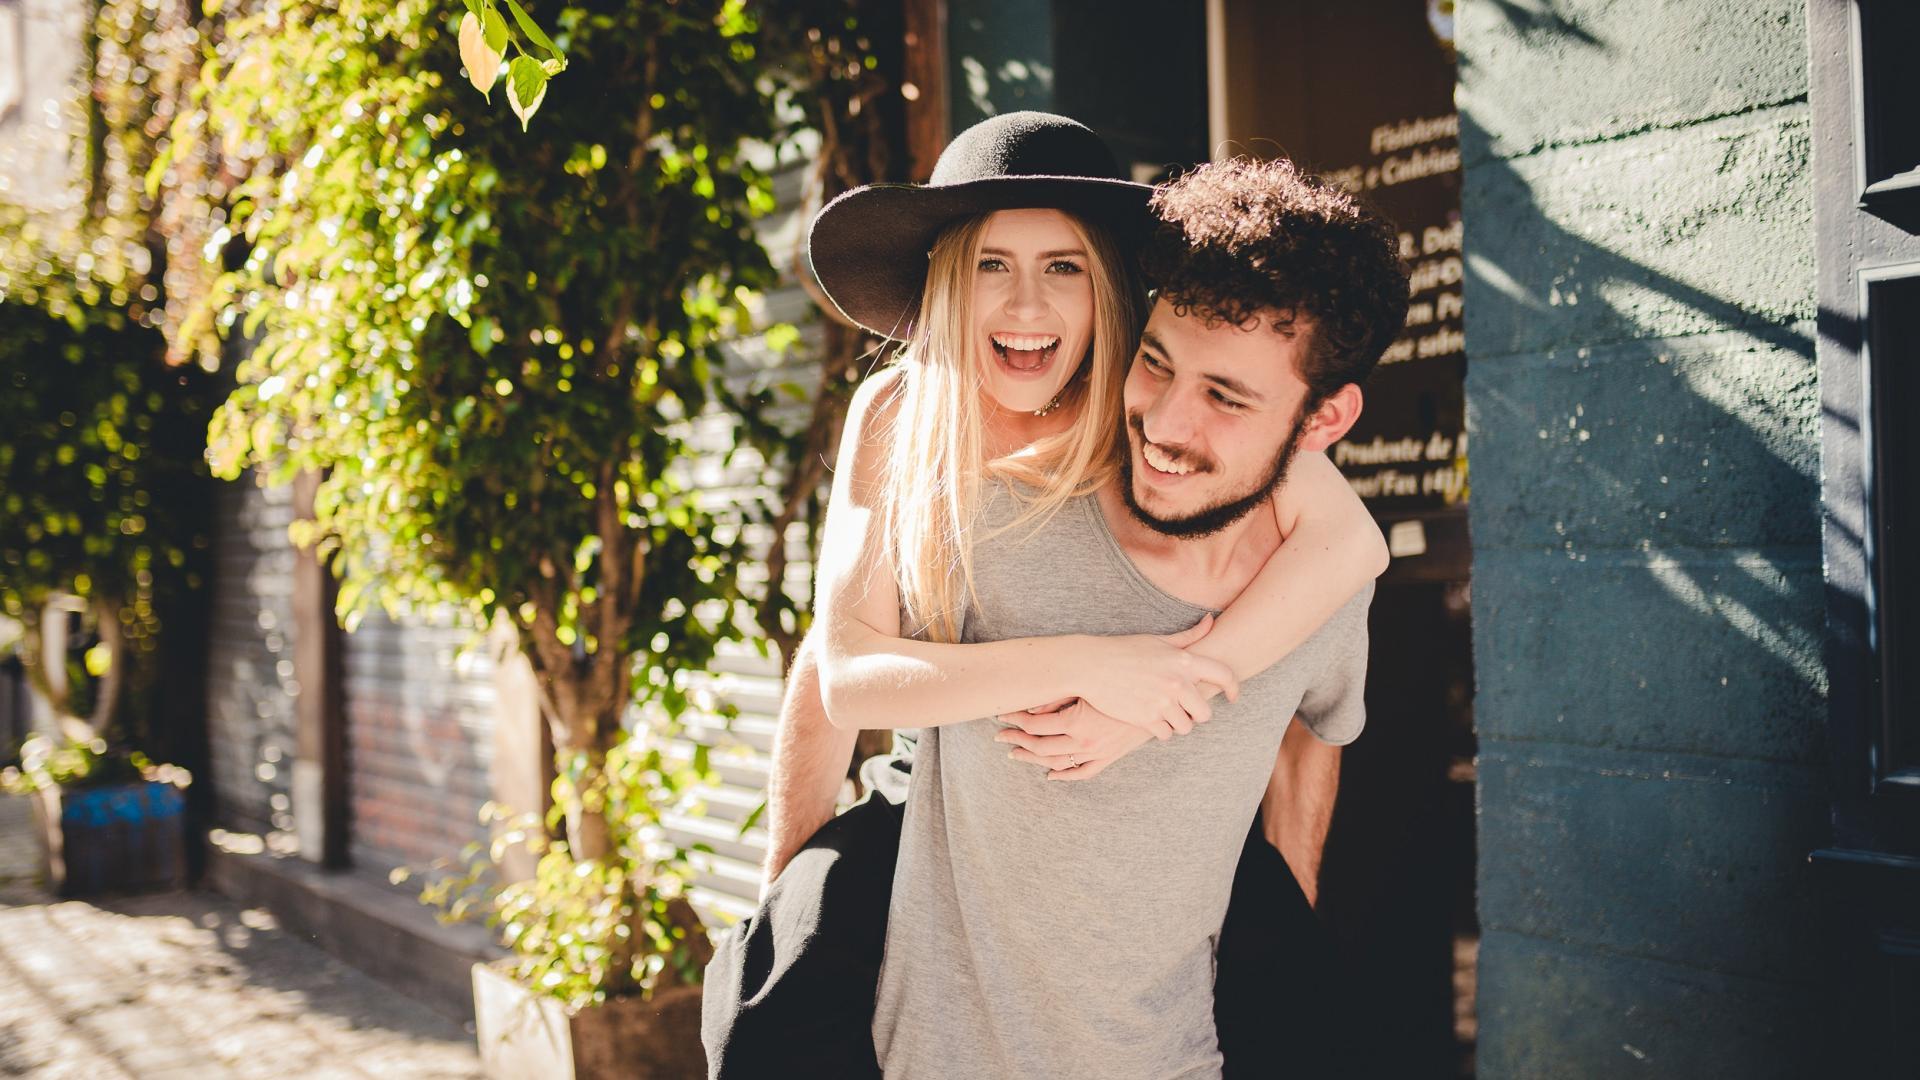 Pärchen lacht in die Kamera beim ersten Date